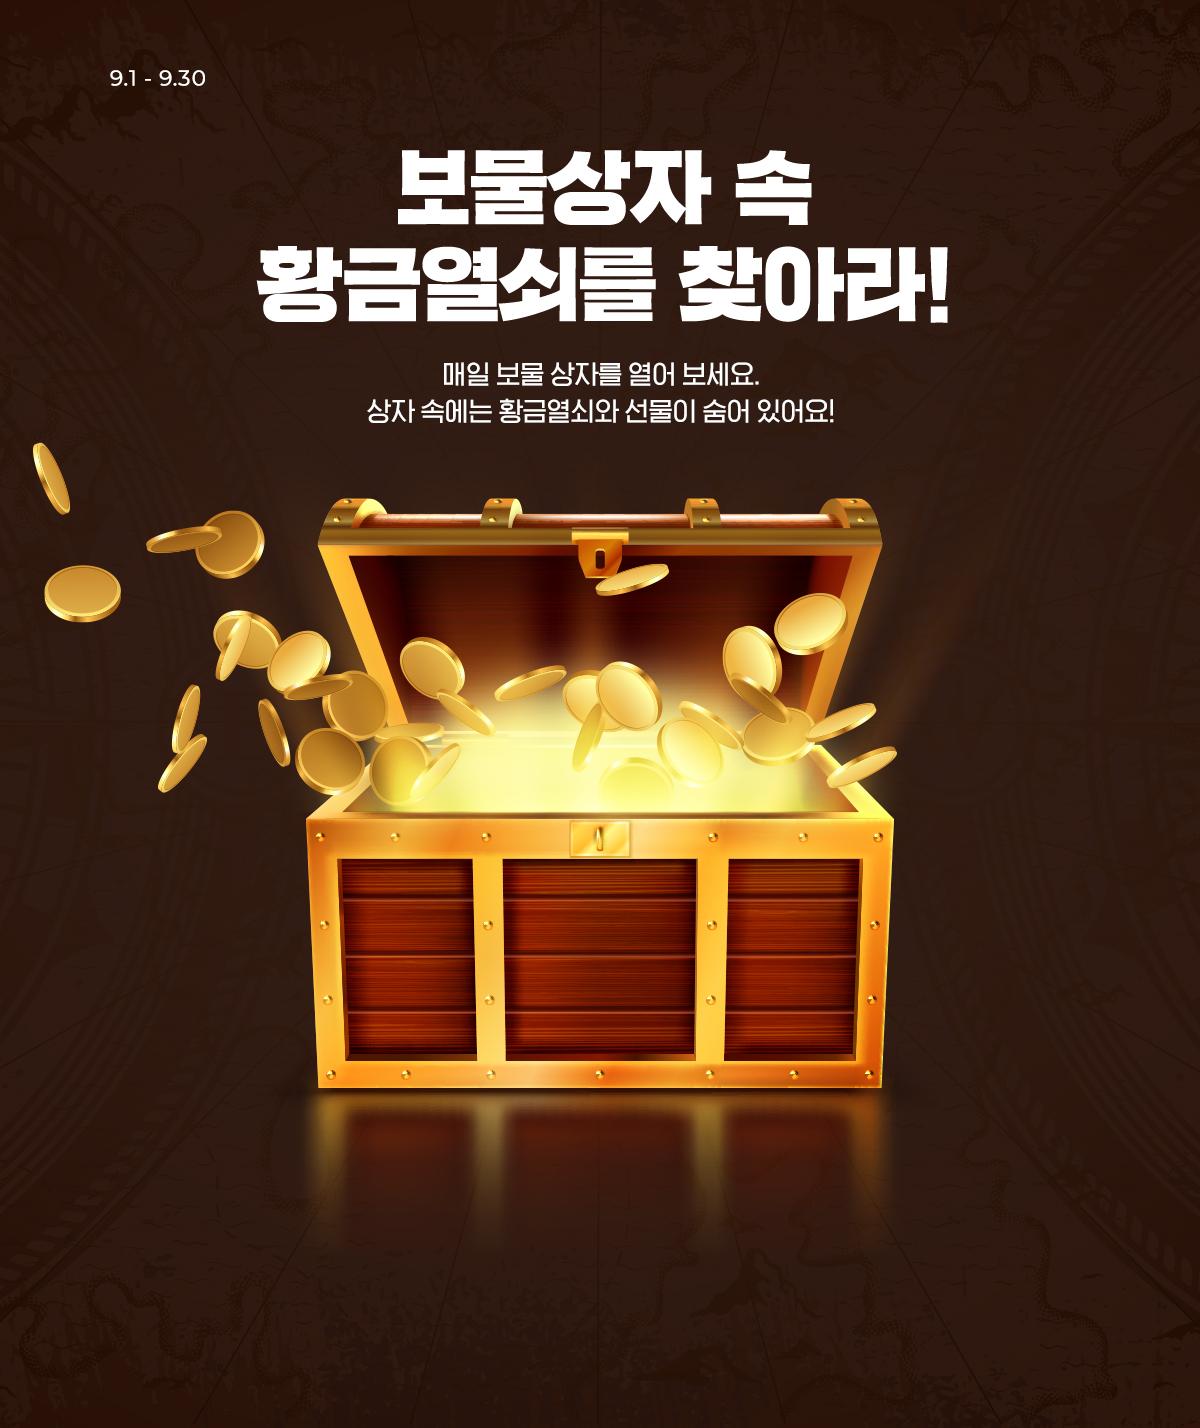 7.1 - 7.31 보물상자 속 황금열쇠를 찾아라! 매일 보물 상자를 열어 보세요. 상자 속에는 황금열쇠와 선물이 숨어 있어요!